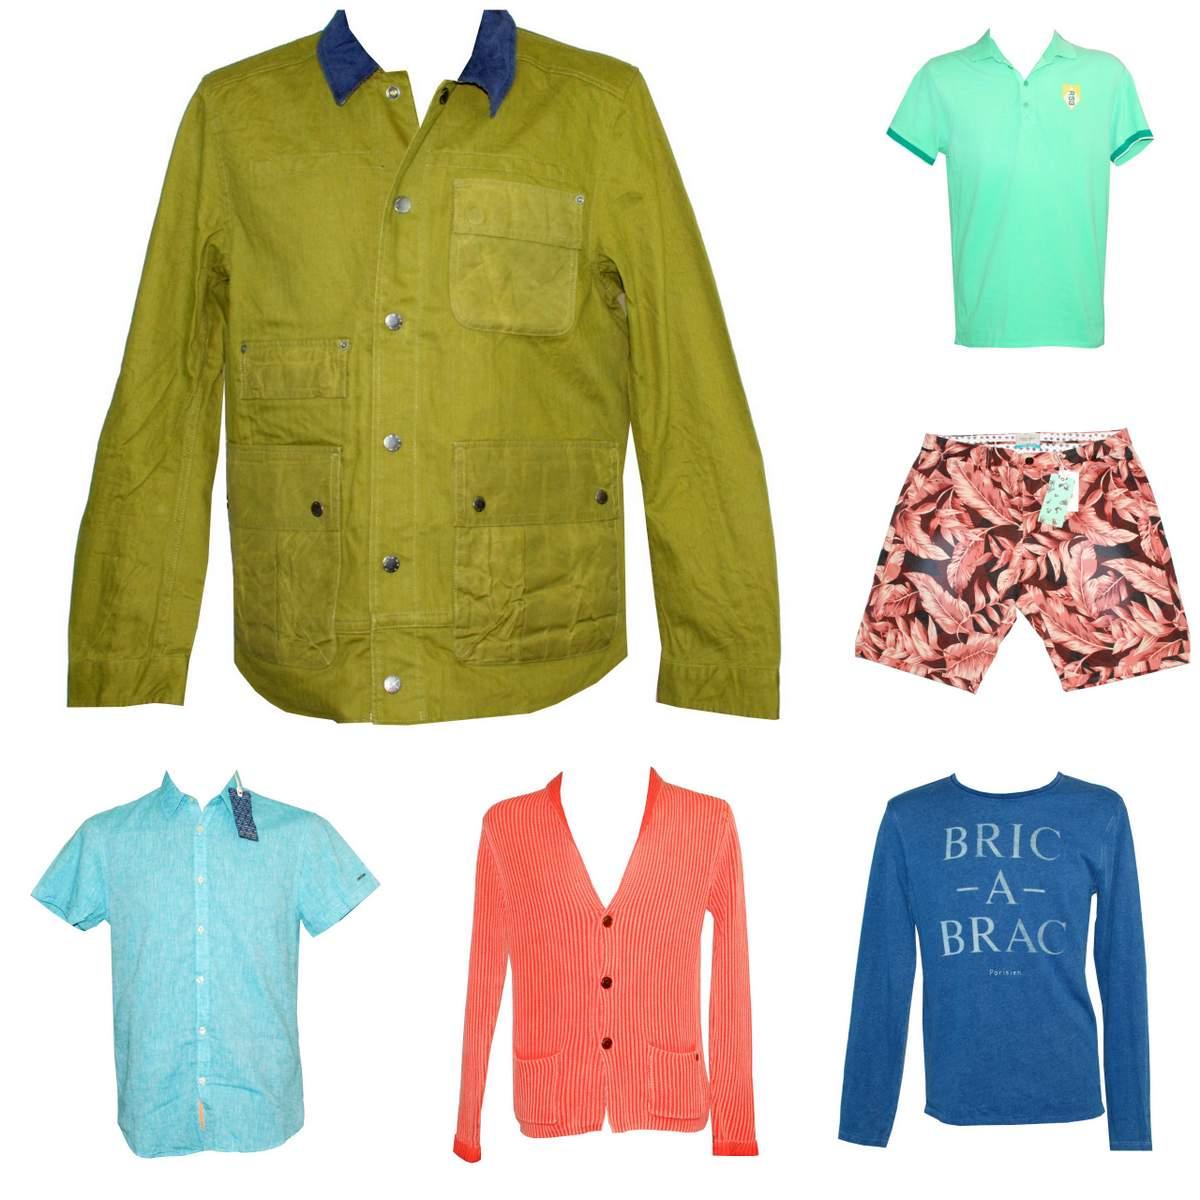 508b8bb30 Мужская штучная одежда Mix оптом в Перми, купить мужская штучная ...